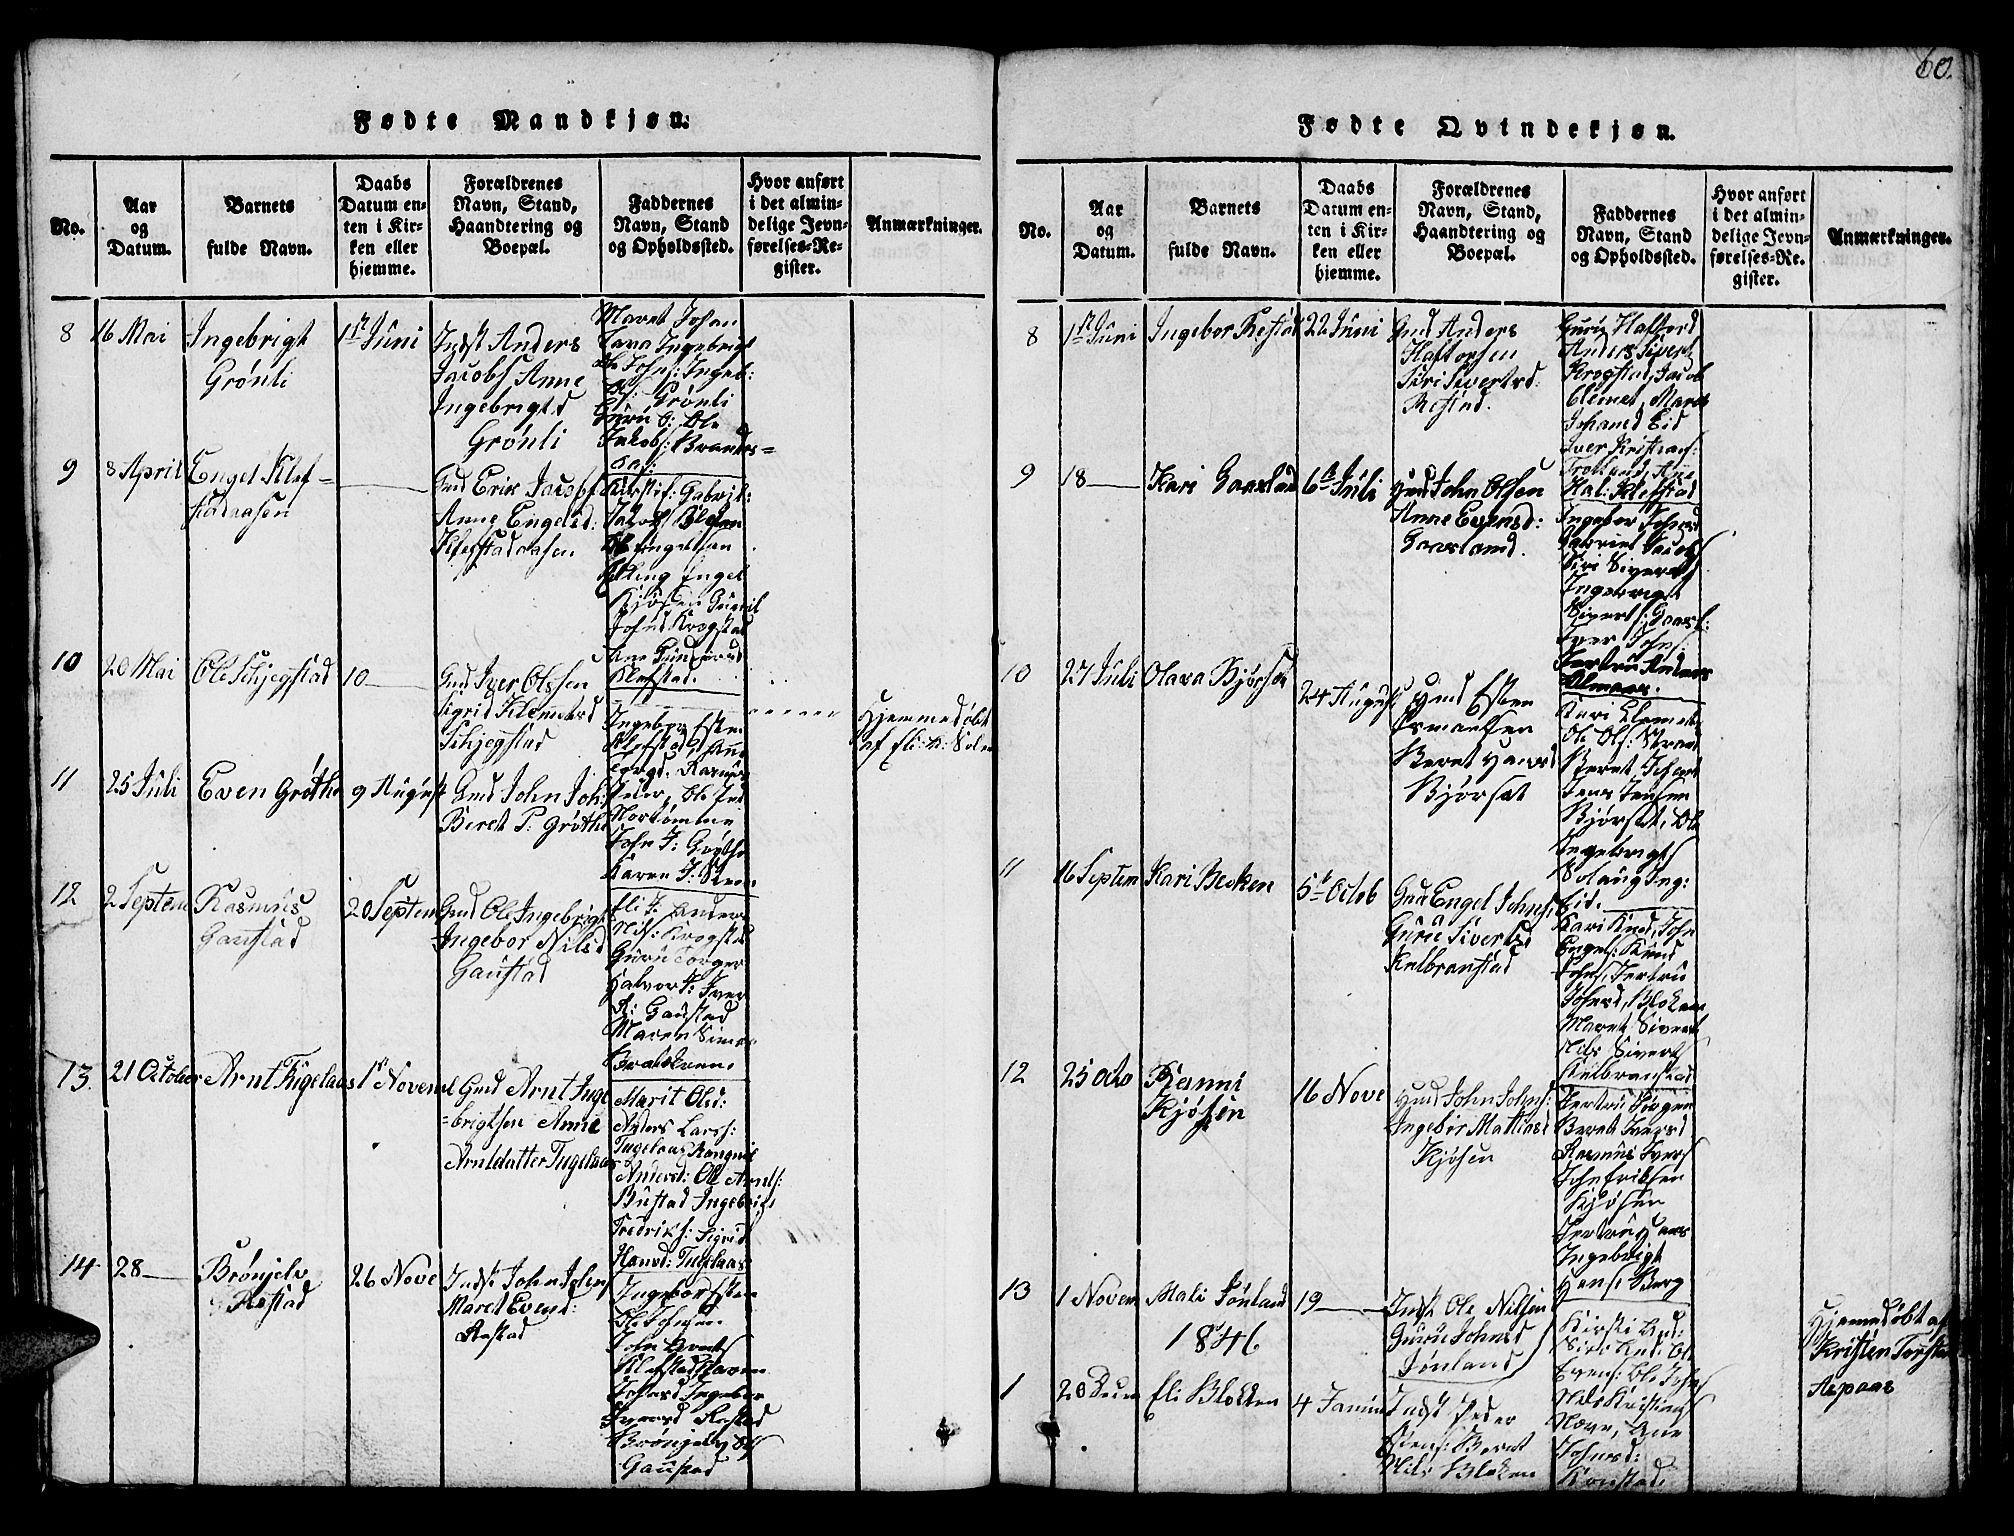 SAT, Ministerialprotokoller, klokkerbøker og fødselsregistre - Sør-Trøndelag, 694/L1130: Klokkerbok nr. 694C02, 1816-1857, s. 60